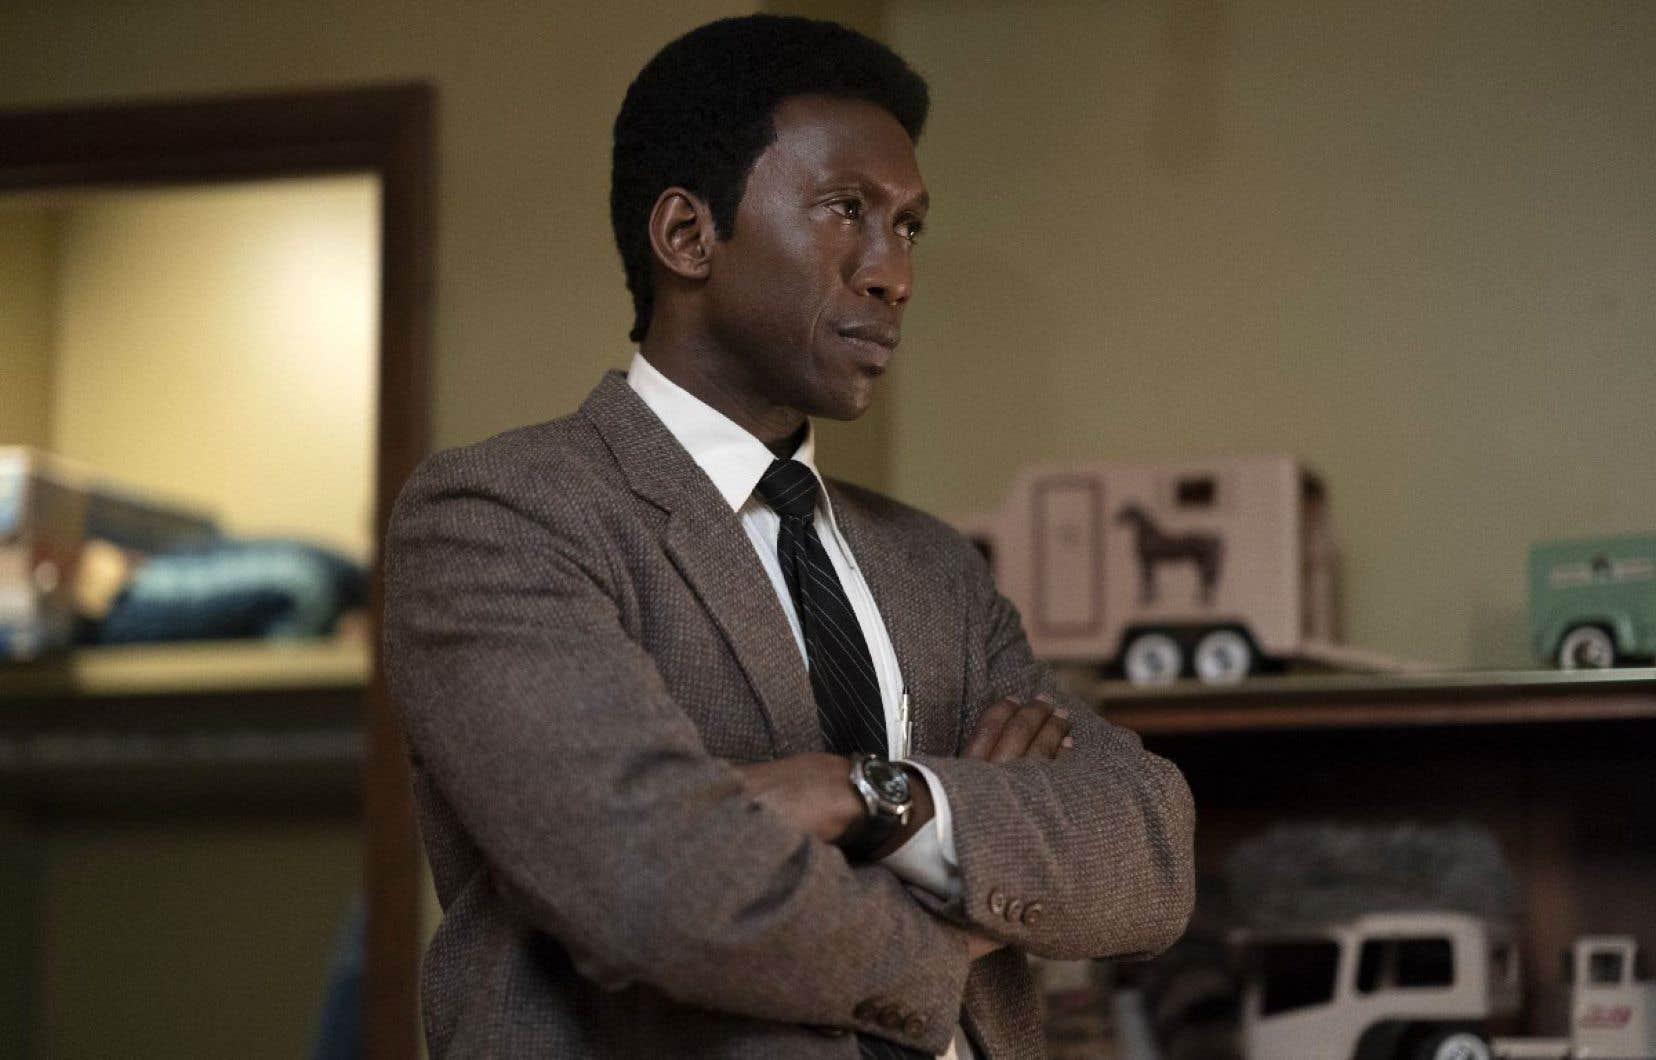 Mahershala Ali joue le rôle du détective Wayne Hays.